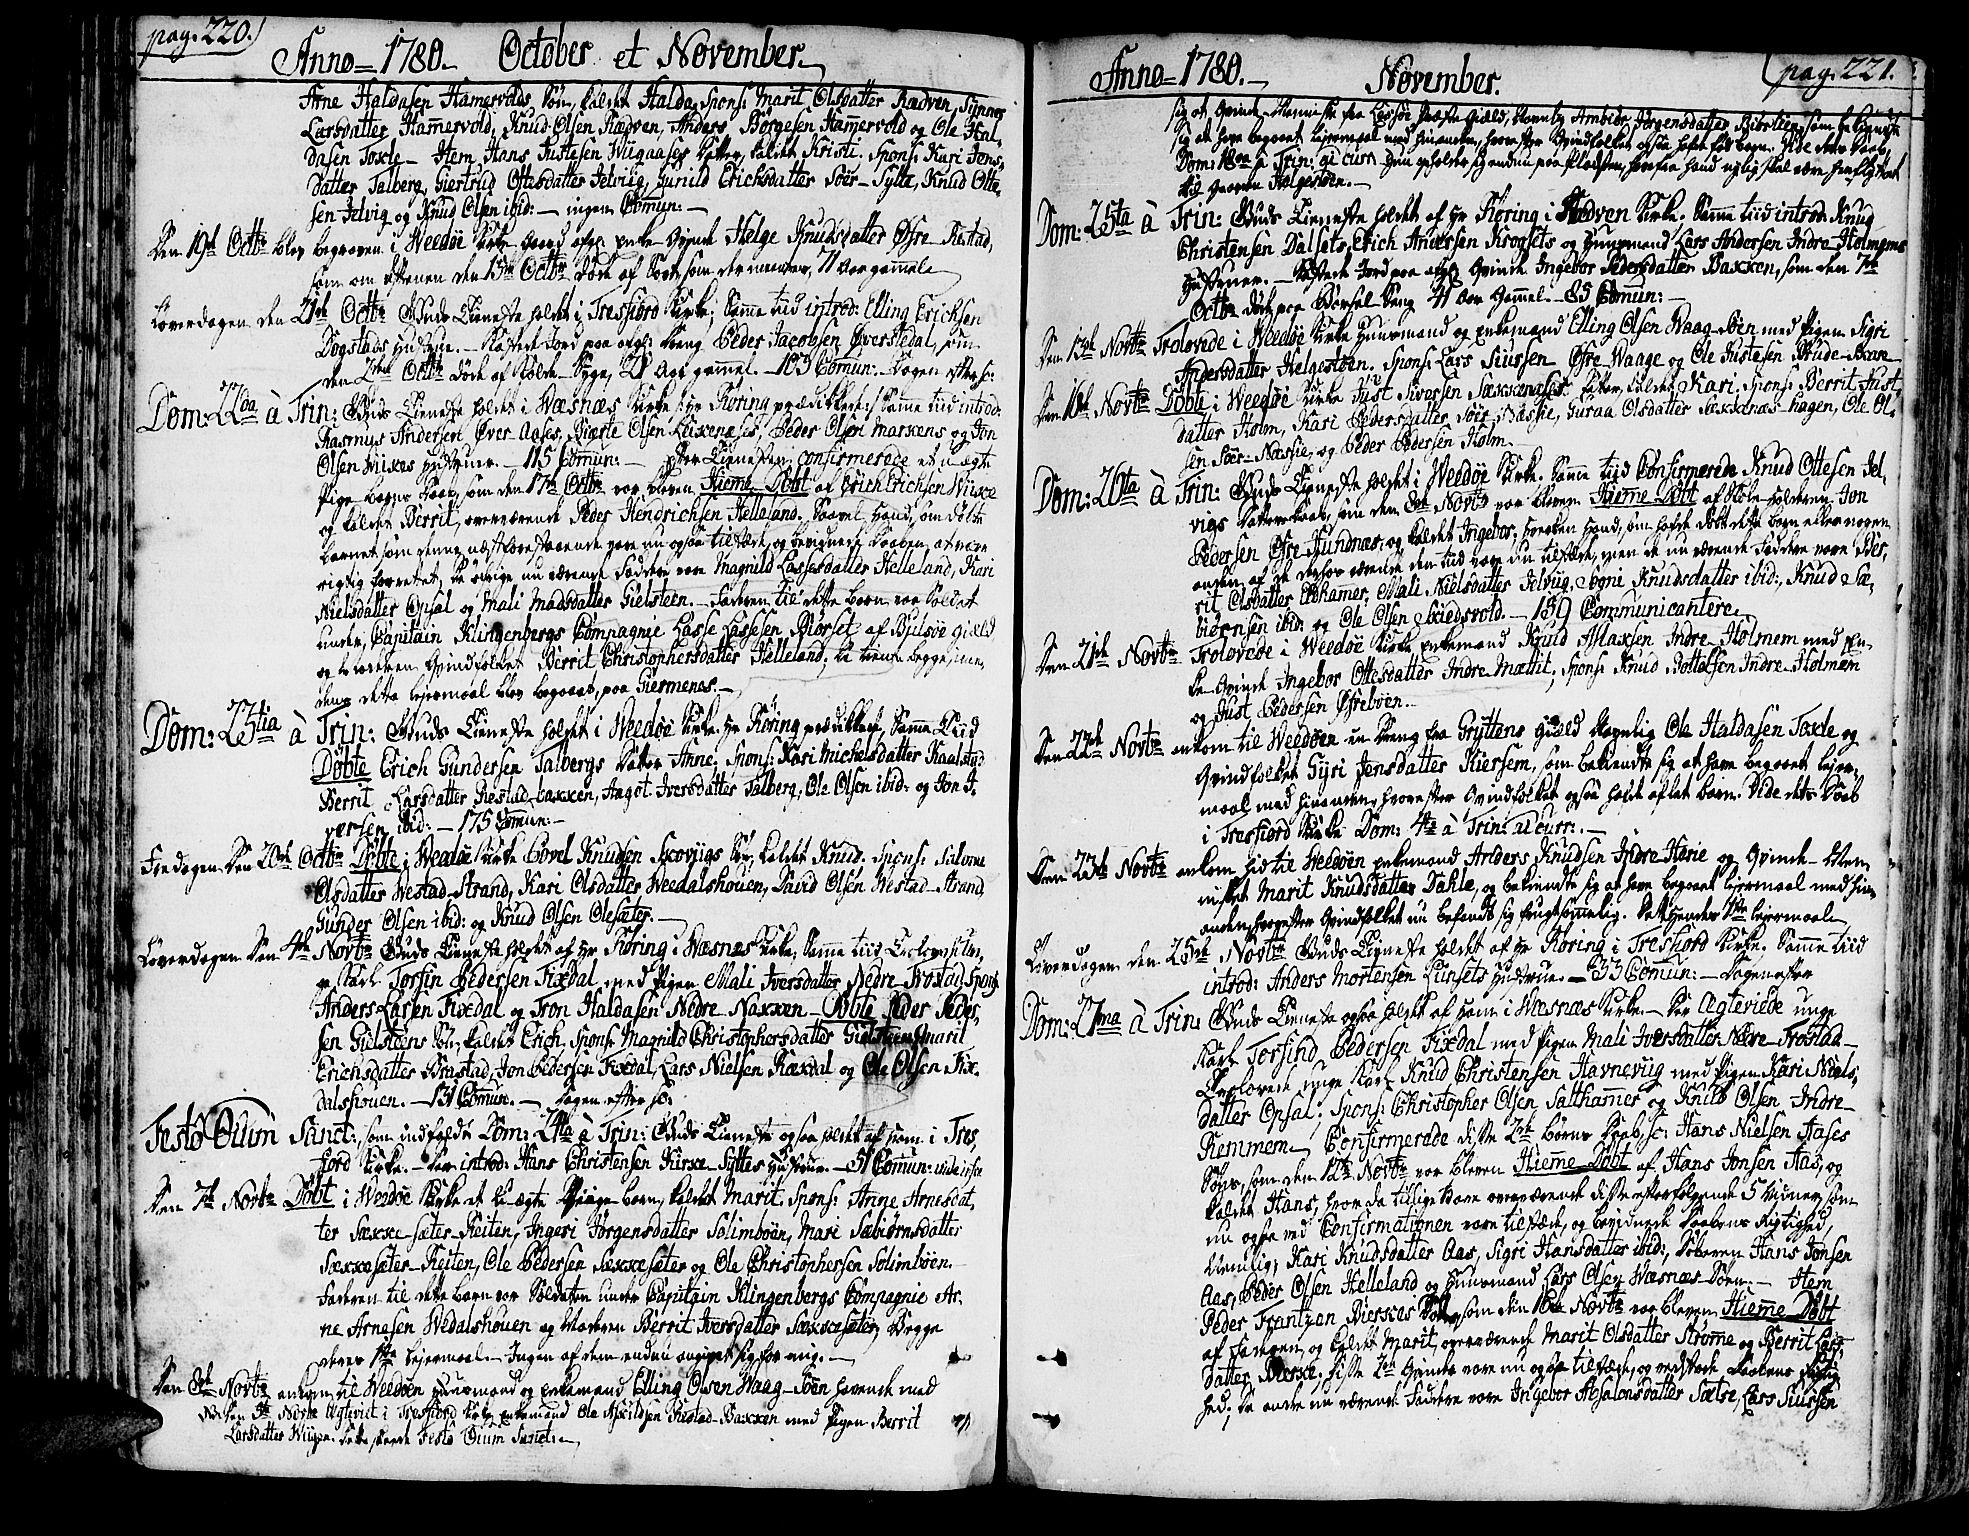 SAT, Ministerialprotokoller, klokkerbøker og fødselsregistre - Møre og Romsdal, 547/L0600: Ministerialbok nr. 547A02, 1765-1799, s. 220-221